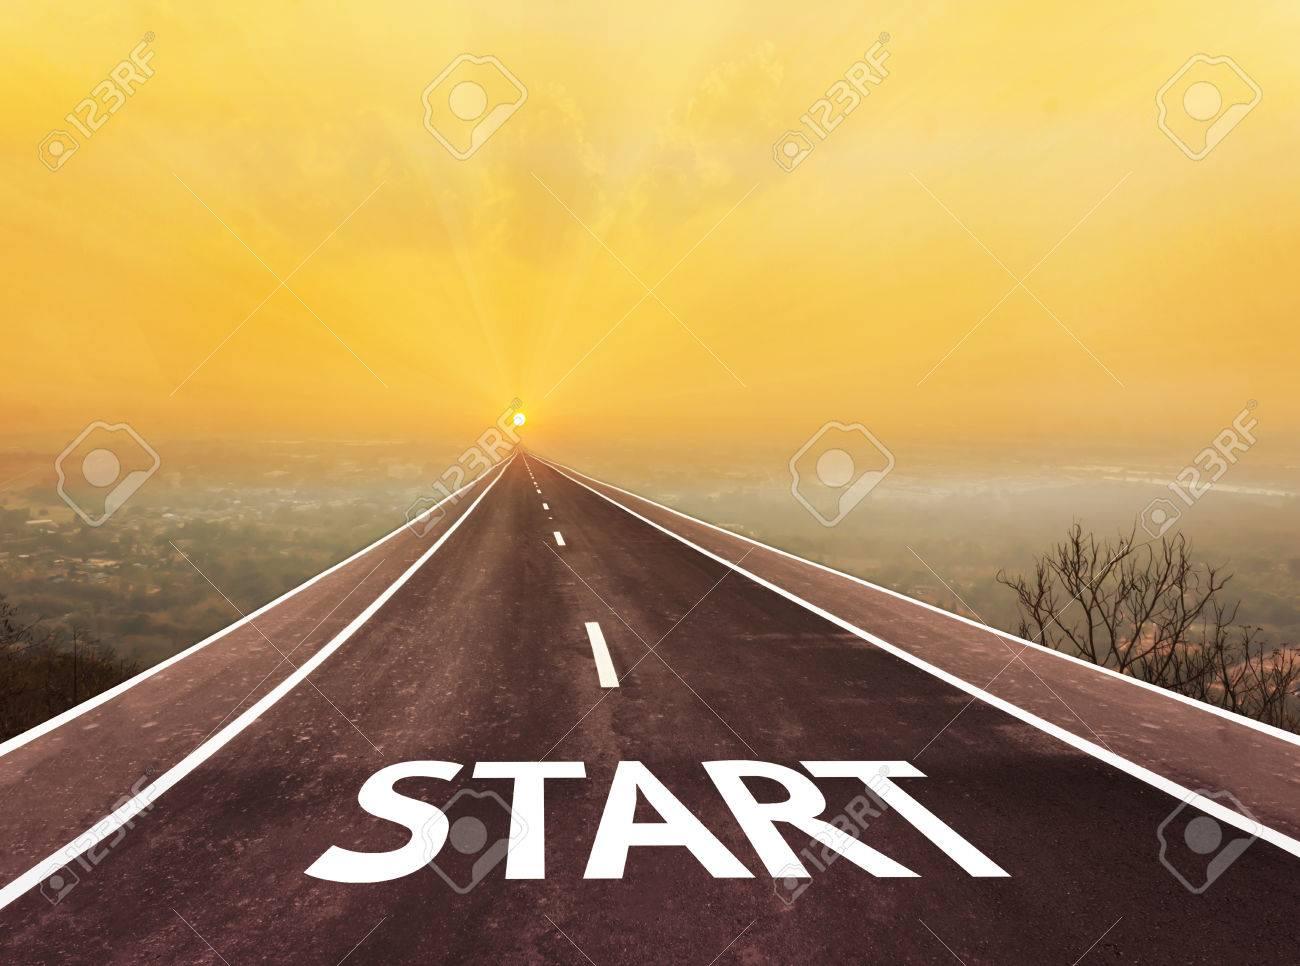 55652206-inizio-del-testo-sulla-strada-l